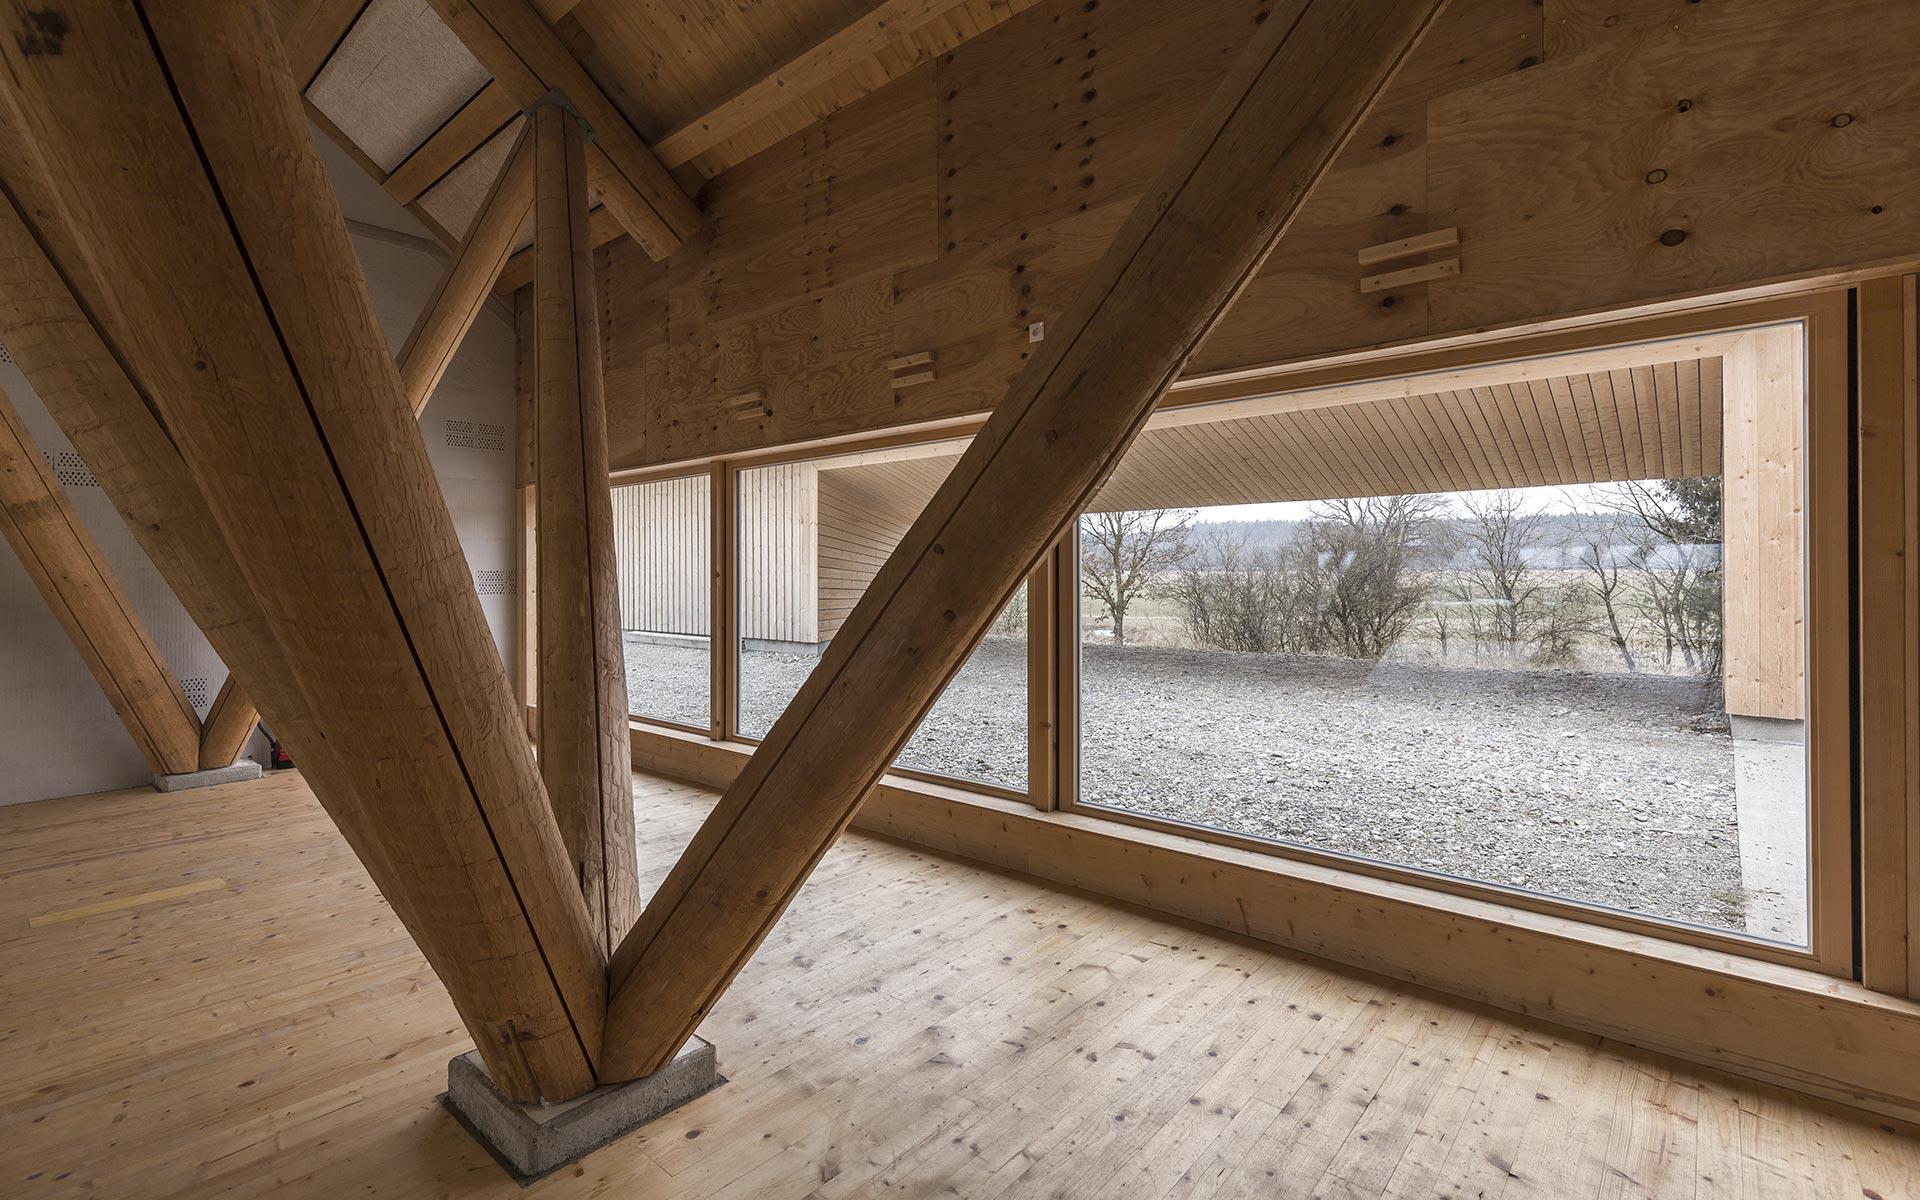 HoSchMi-Stadel Holzgünz Schwaighausen | AL1 Architekten, München | Bild: Marc Brugger